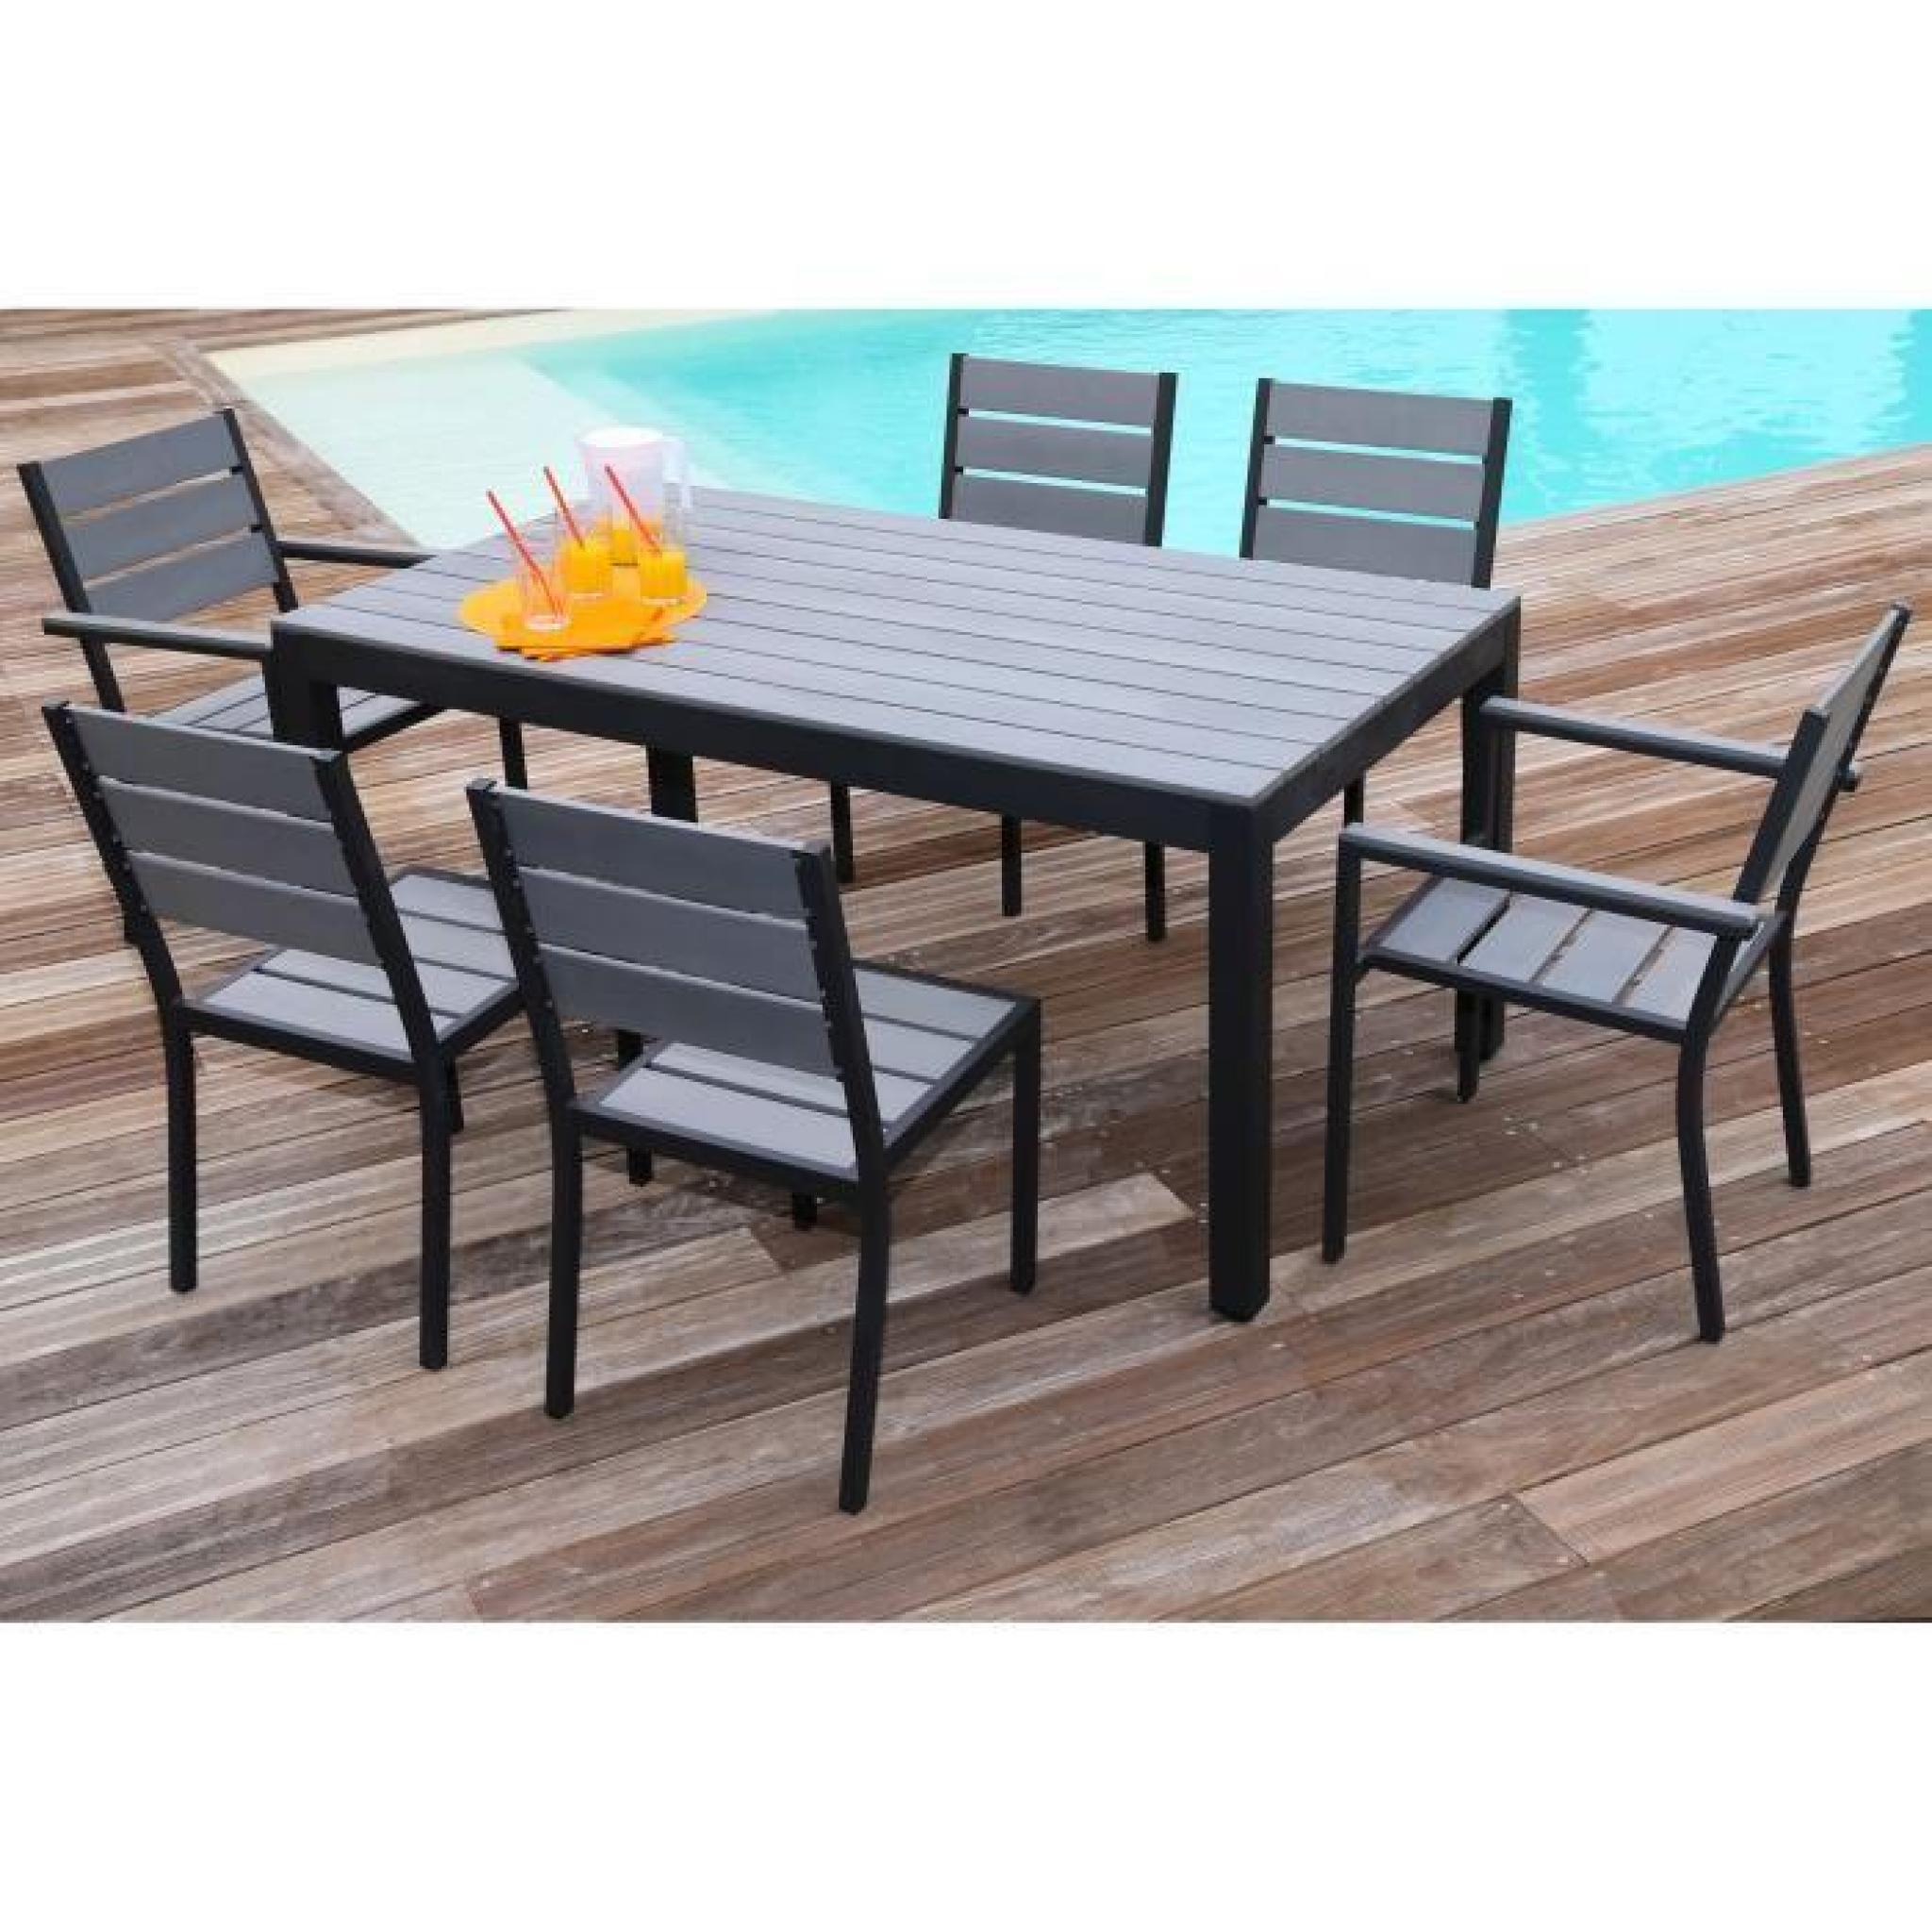 Floride Ensemble Table De Jardin 160 Cm + 2 Fauteuils + 4 Chaises Aluminium  Et Polywood Gris pour Table Et Chaises De Jardin Pas Cher